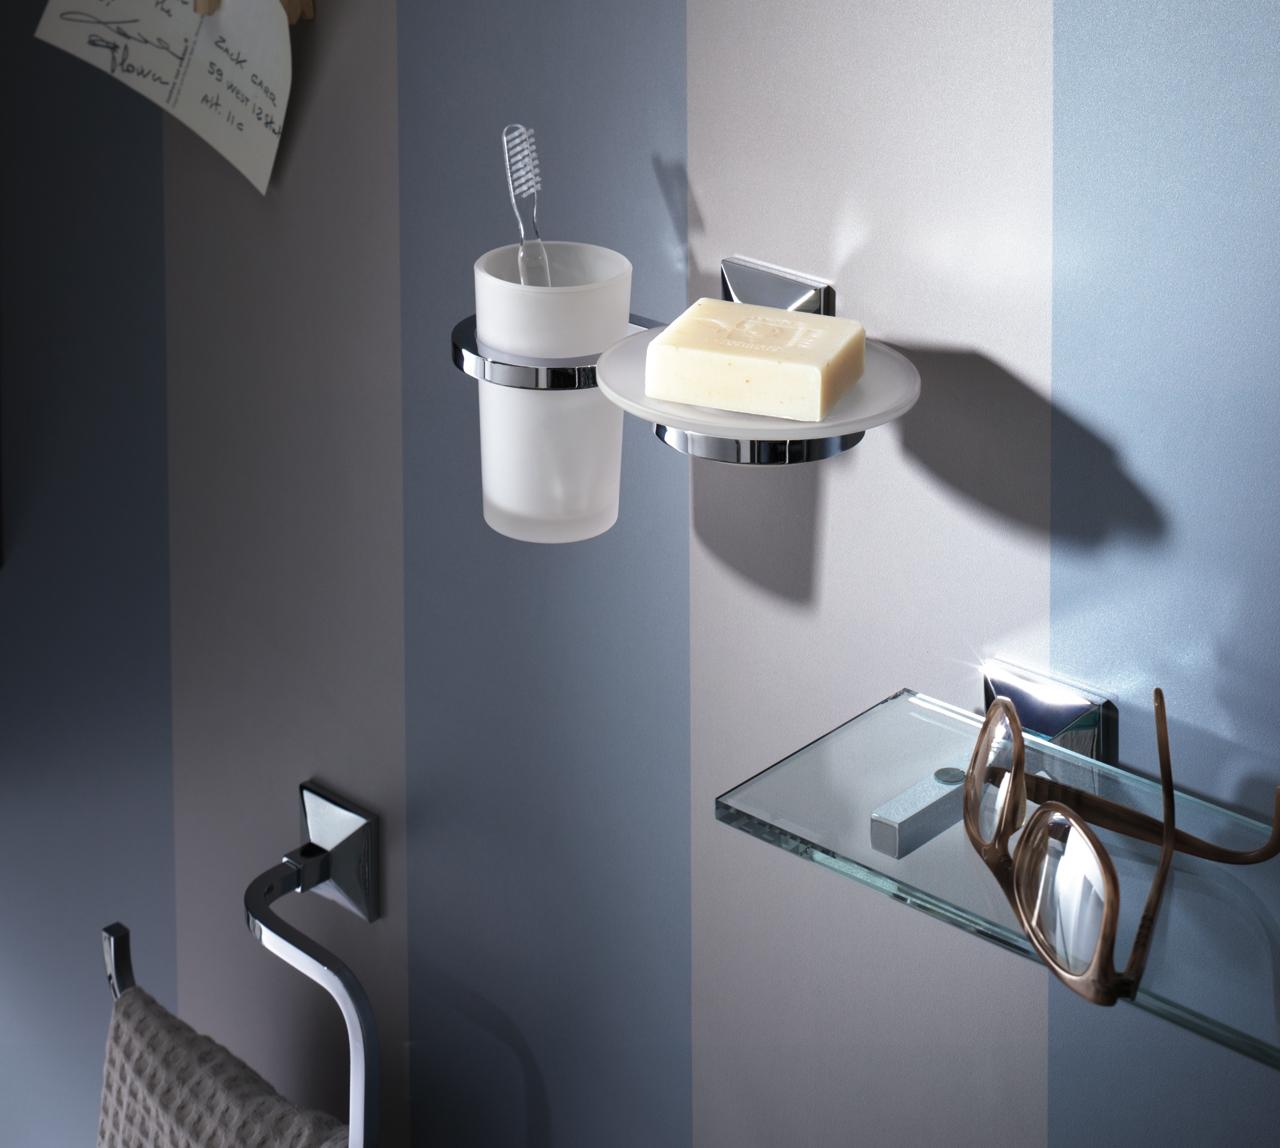 valli accessori ambiente bagno - gallery home torino - Arredo Bagno Accessori